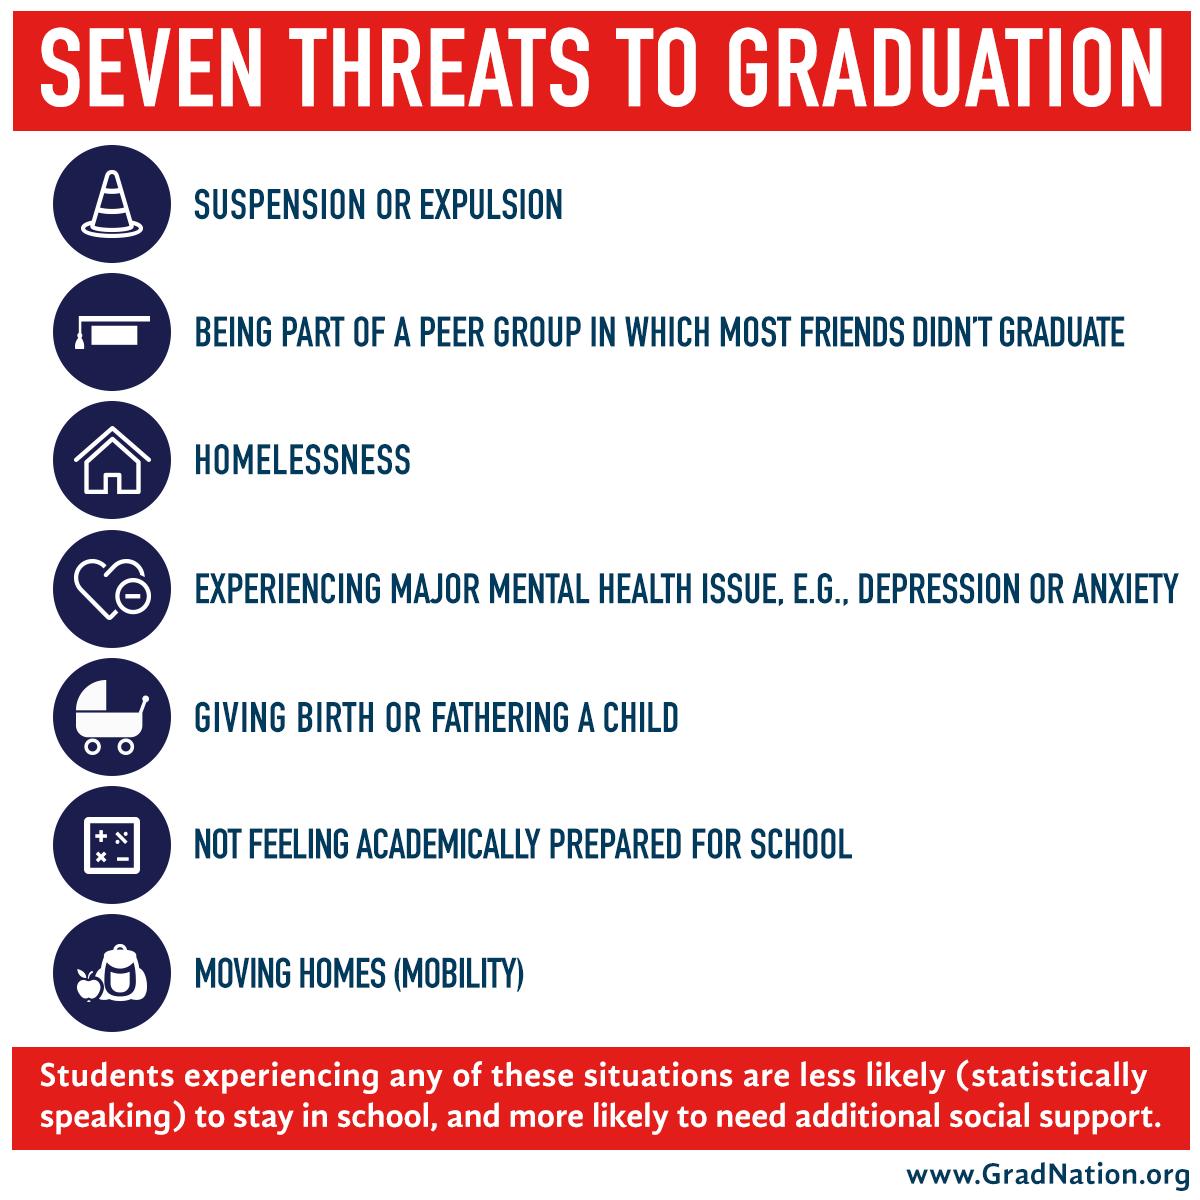 Seven threats